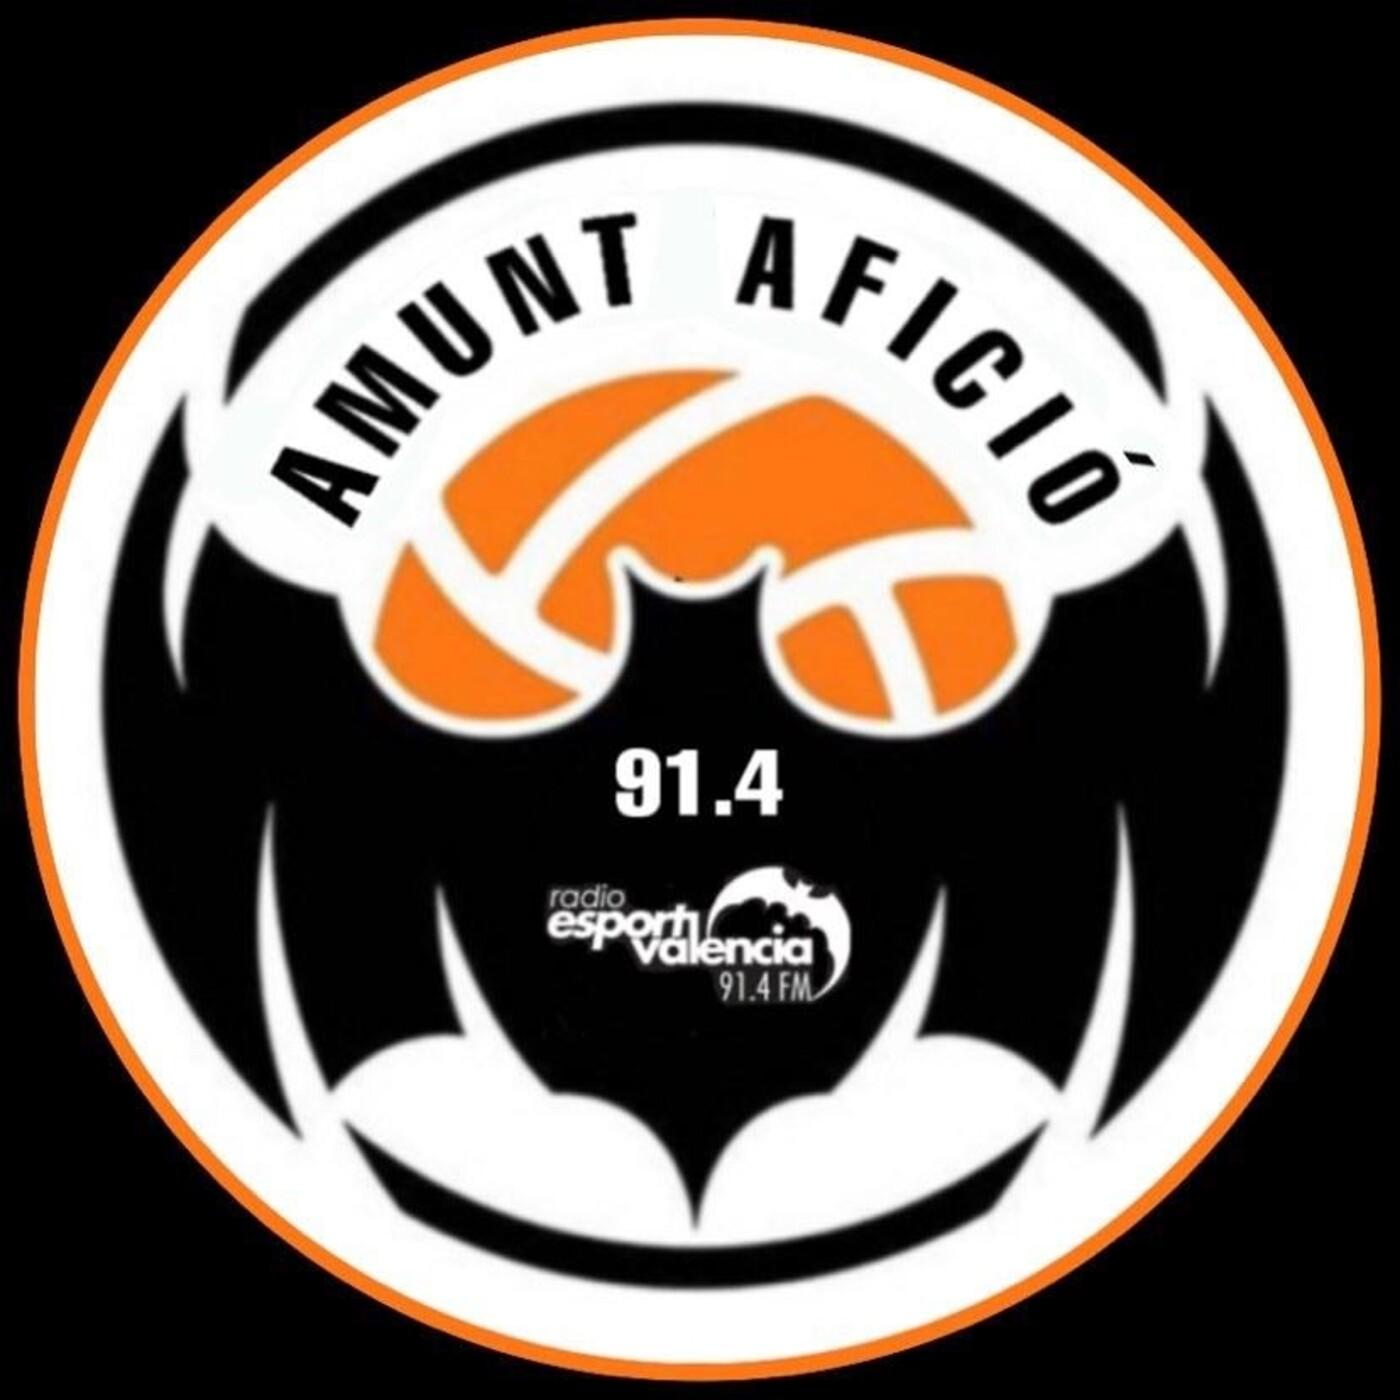 Amunt Afició 20 de Octubre 2020 en Radio Esport Valencia 91.4 FM